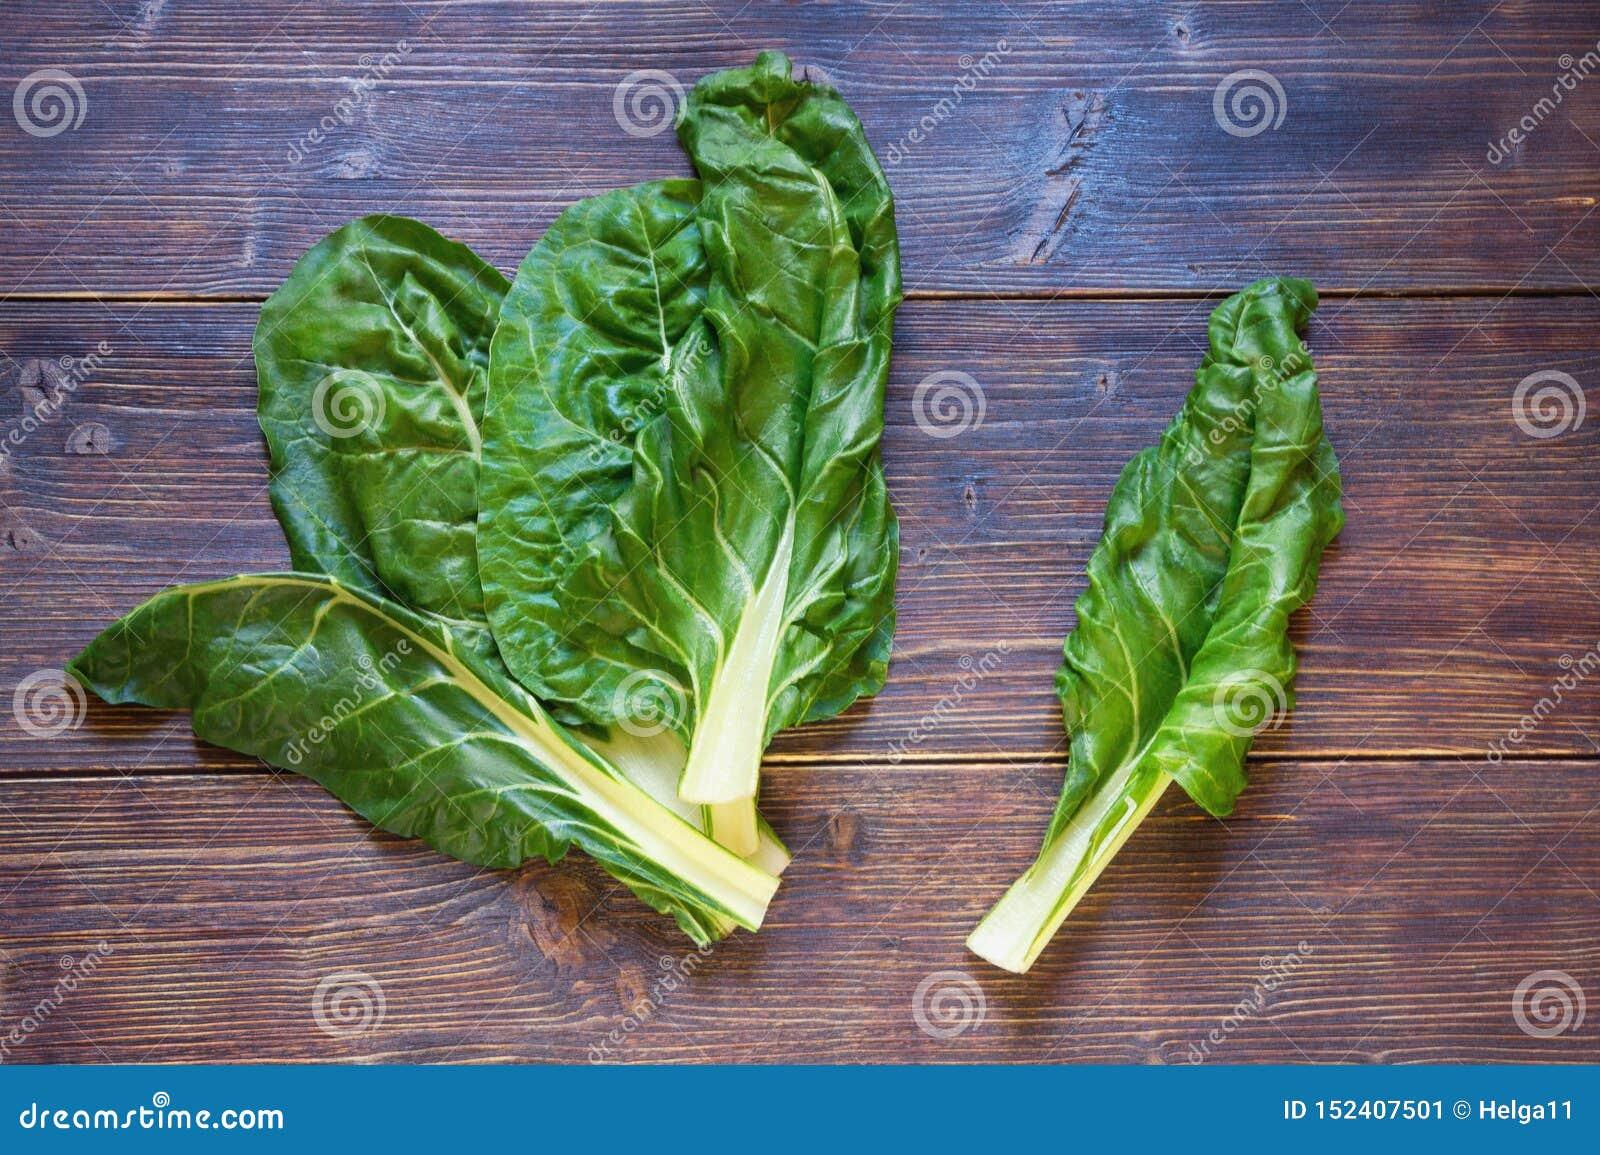 E Blitva -普遍的阔叶蔬菜